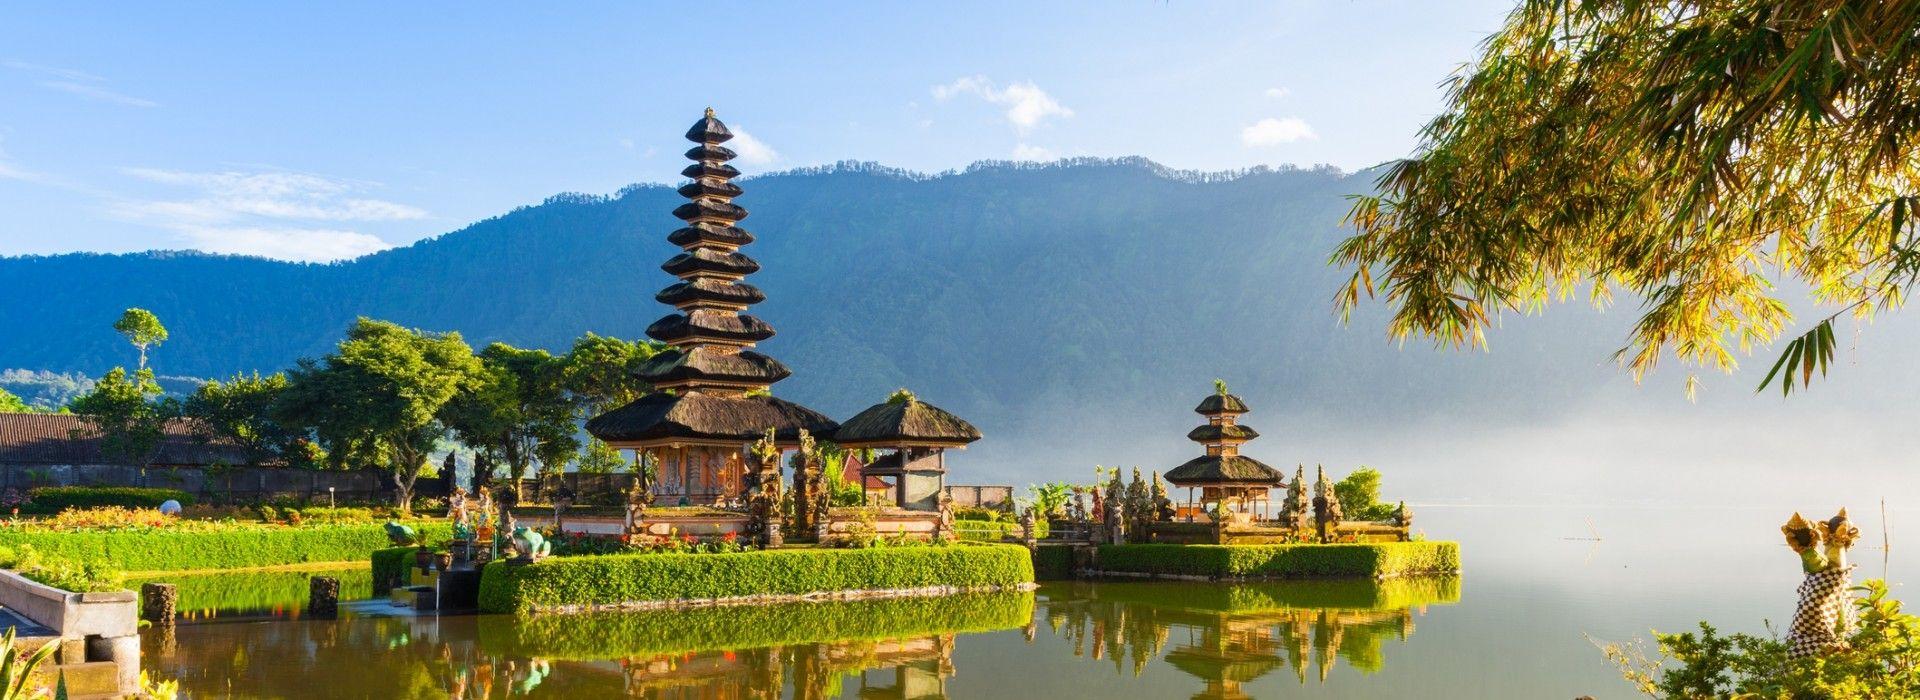 Explorer Tours in Bali